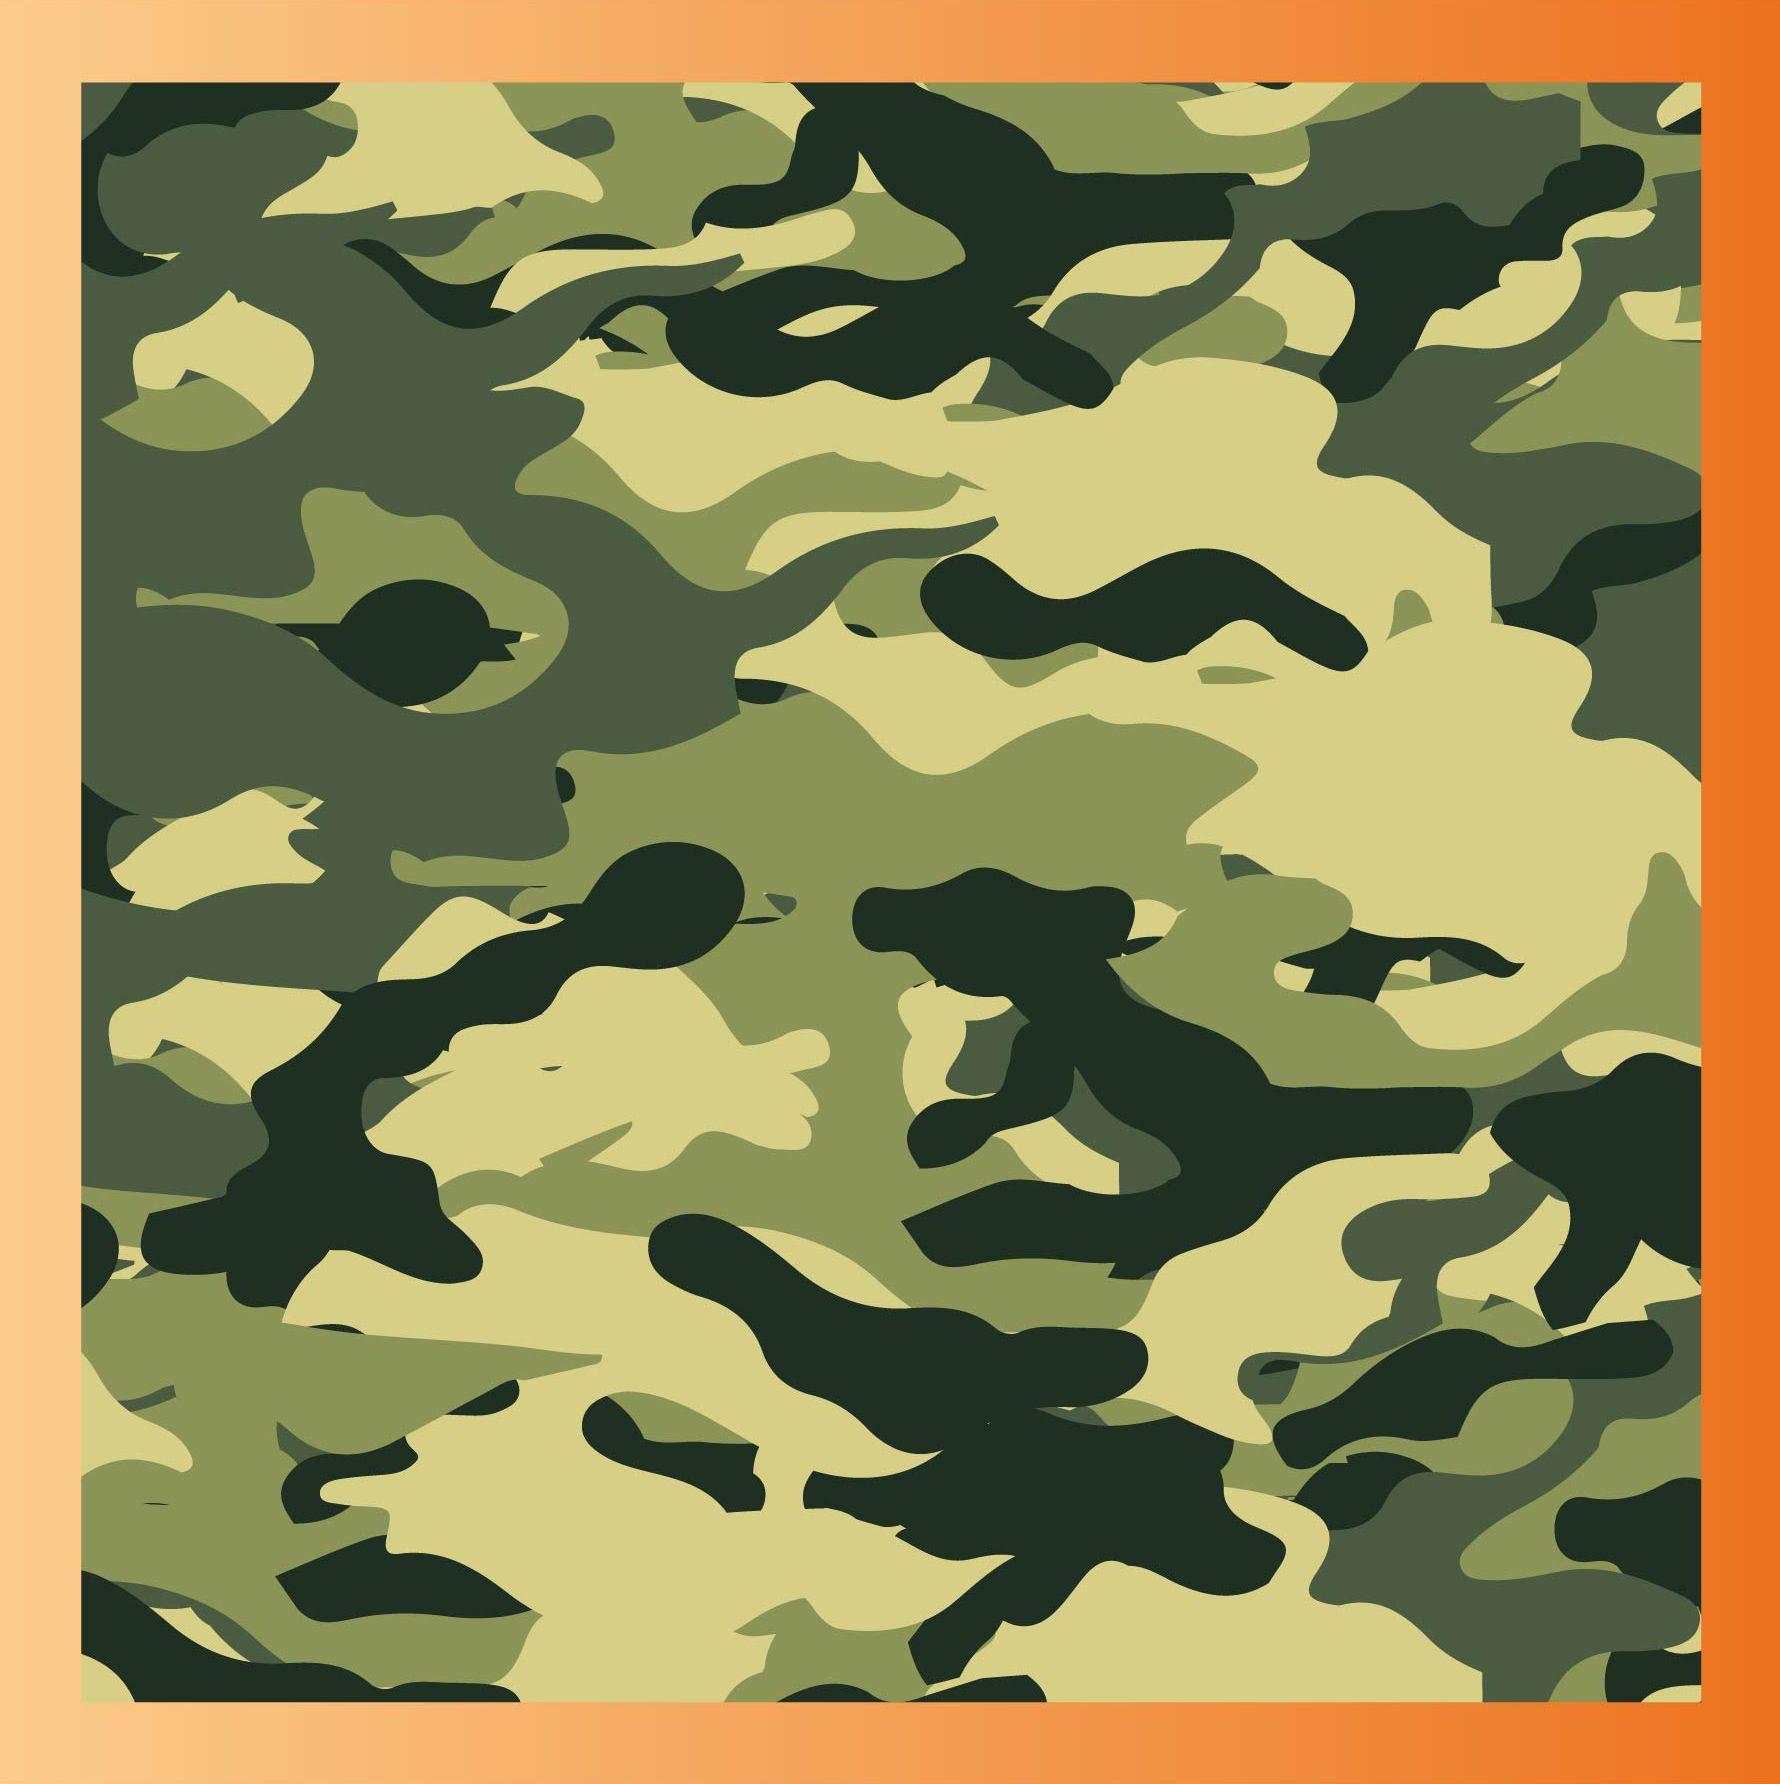 tutoriel pour apprendre  u00e0 cr u00e9er un motif camouflage sur illustrator